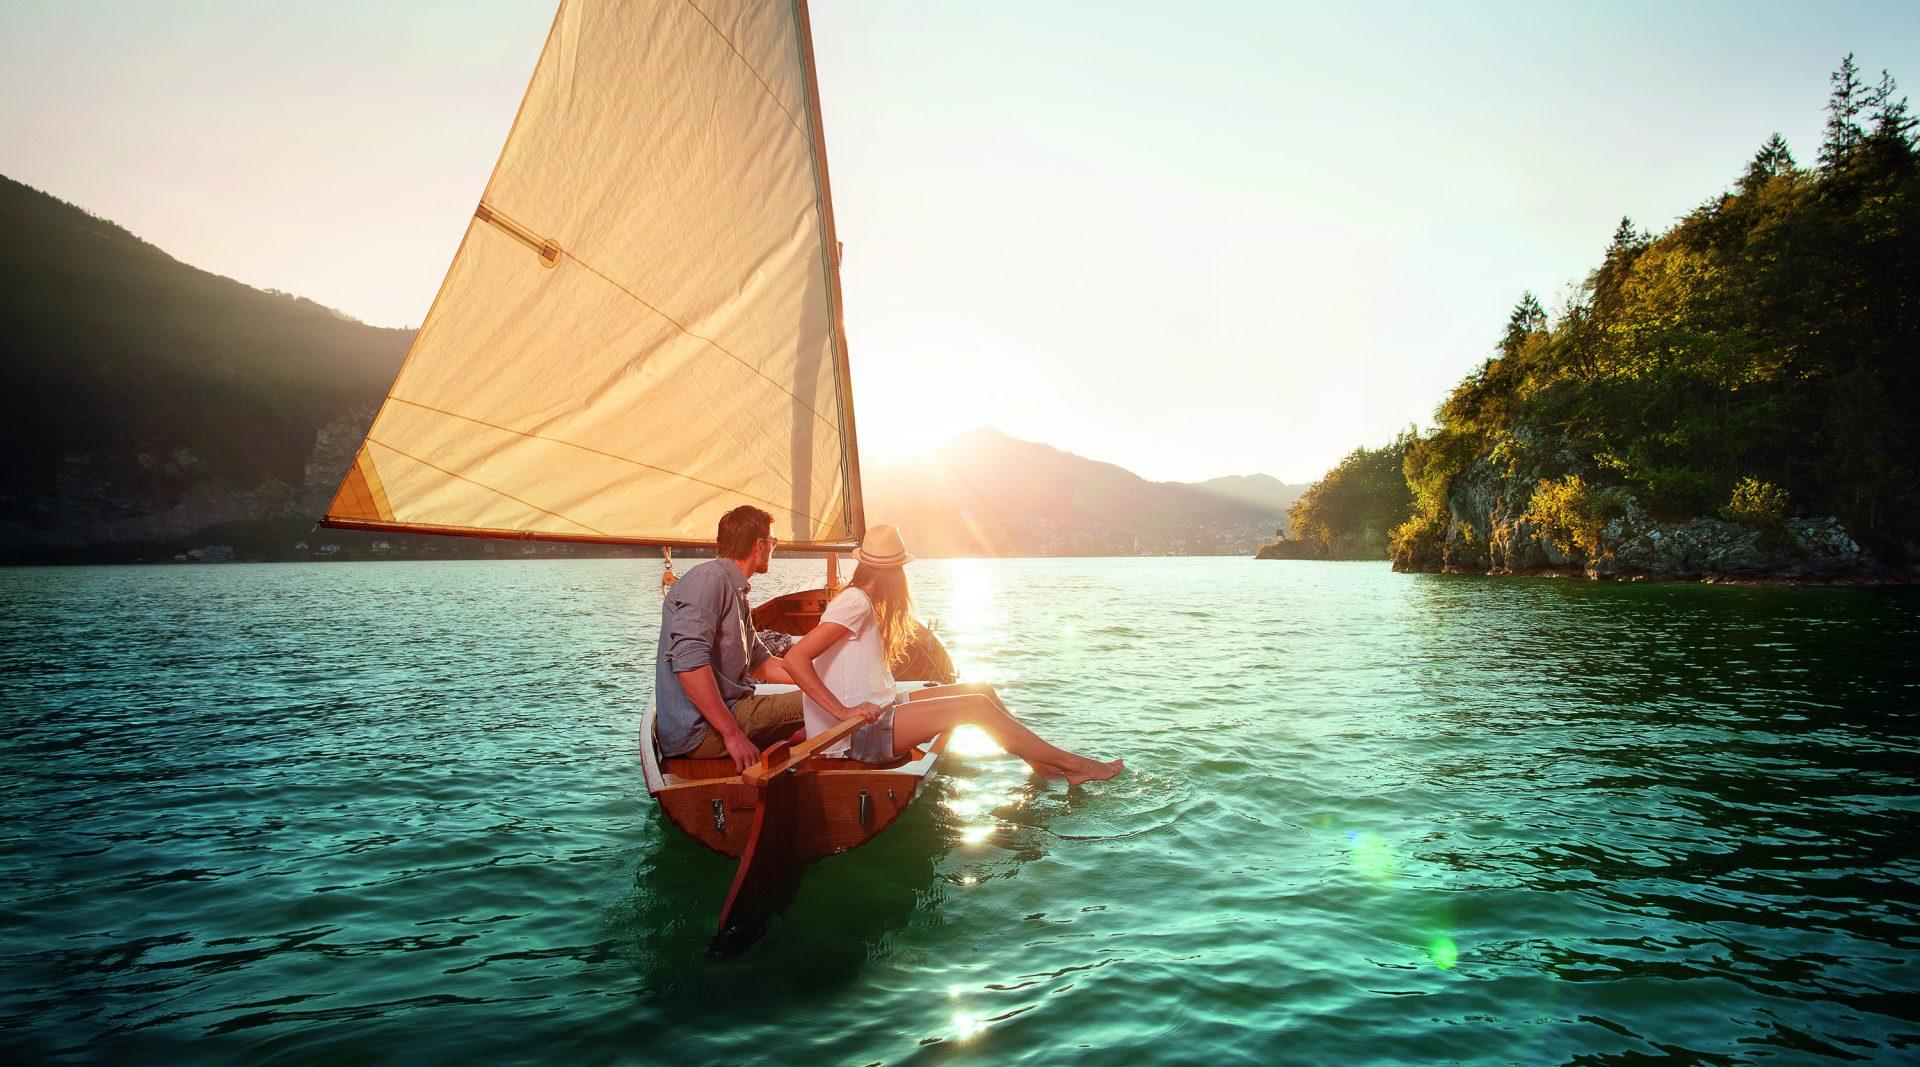 © SalzburgerLand Tourismus, ideenwerk werbeagentur gmbh - Pärchen im Segelboot